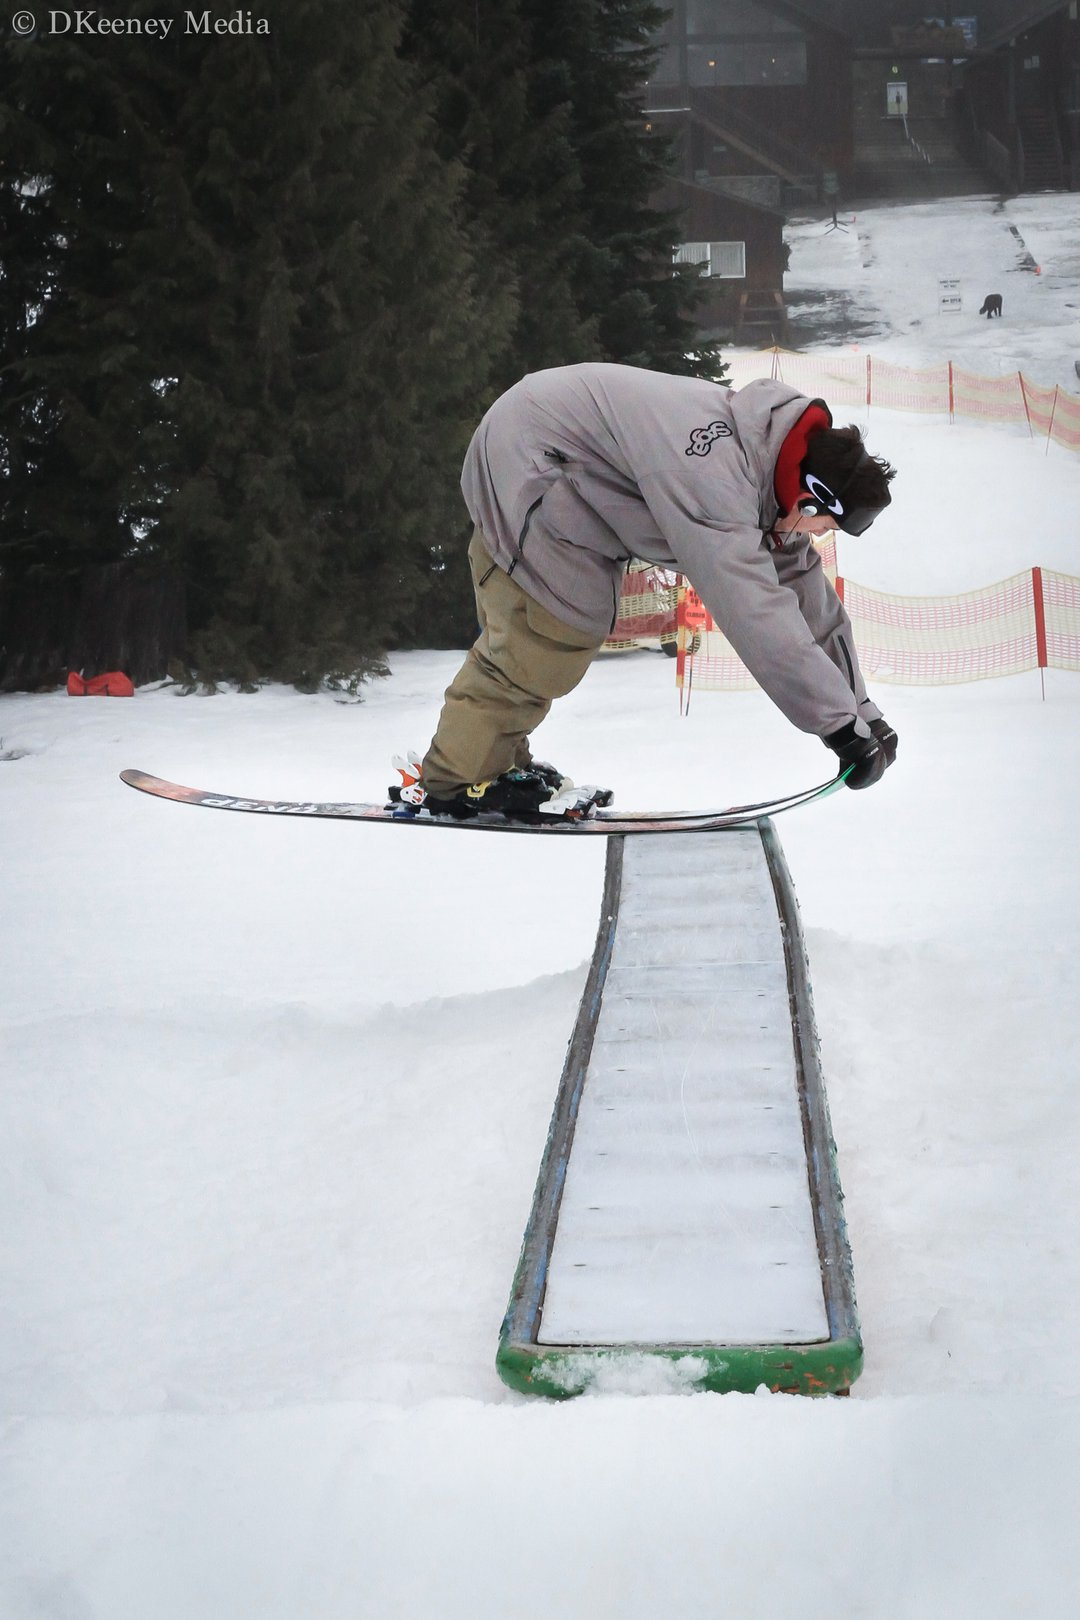 pow skis nose press